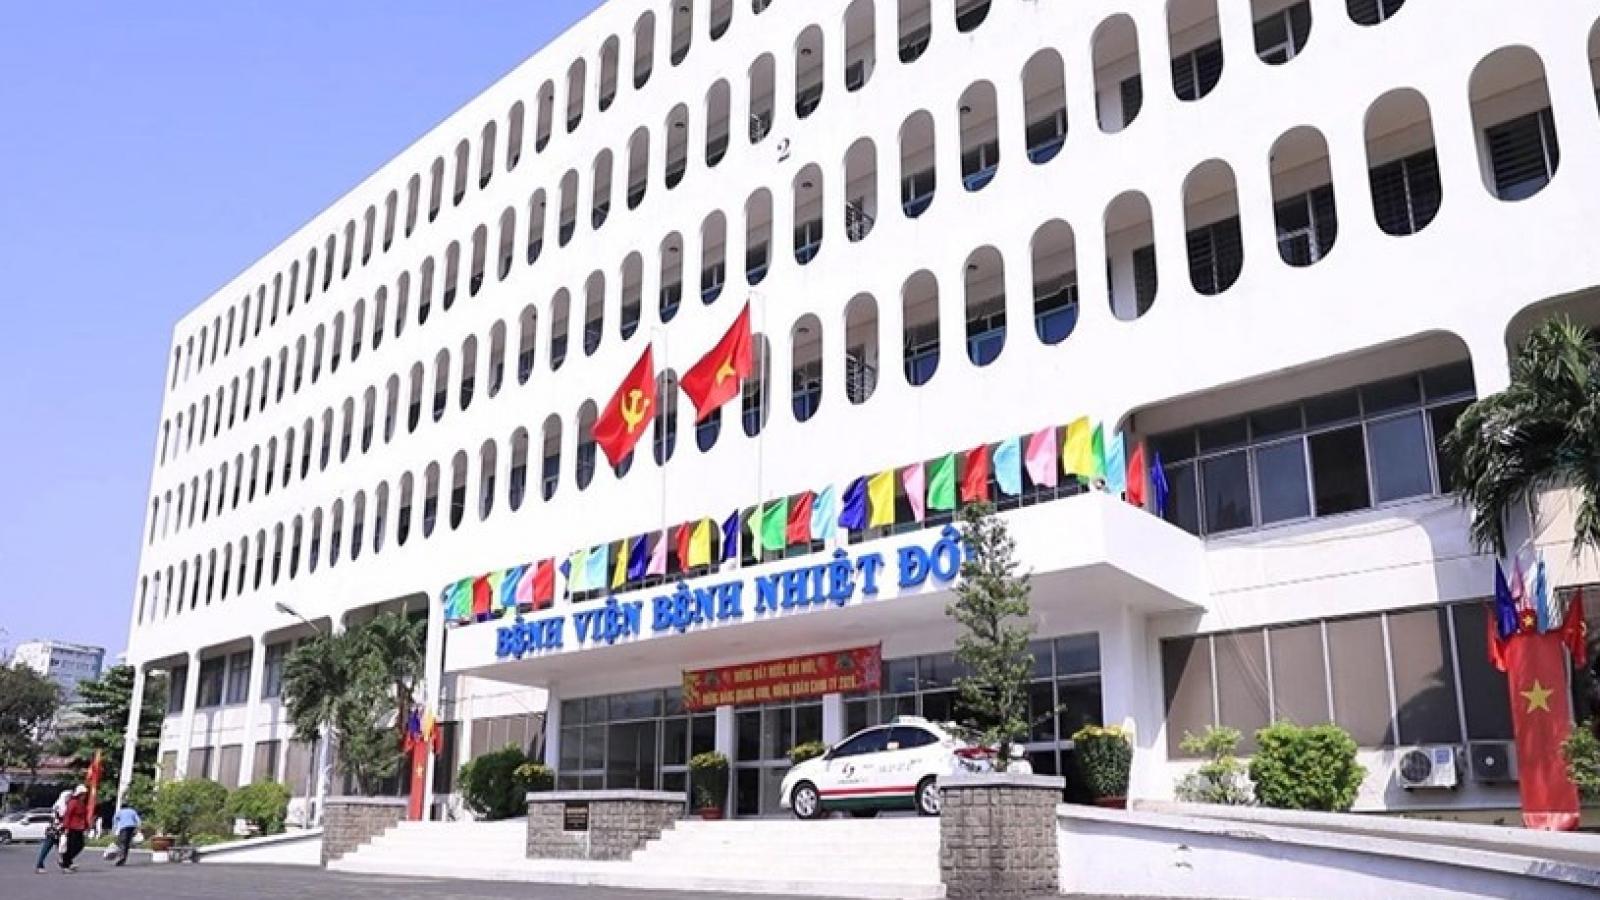 Phong tỏa Bệnh viện Bệnh nhiệt đới TP.HCM, yêu cầu nhân viên y tế chỉ ở nhà sau giờ làm